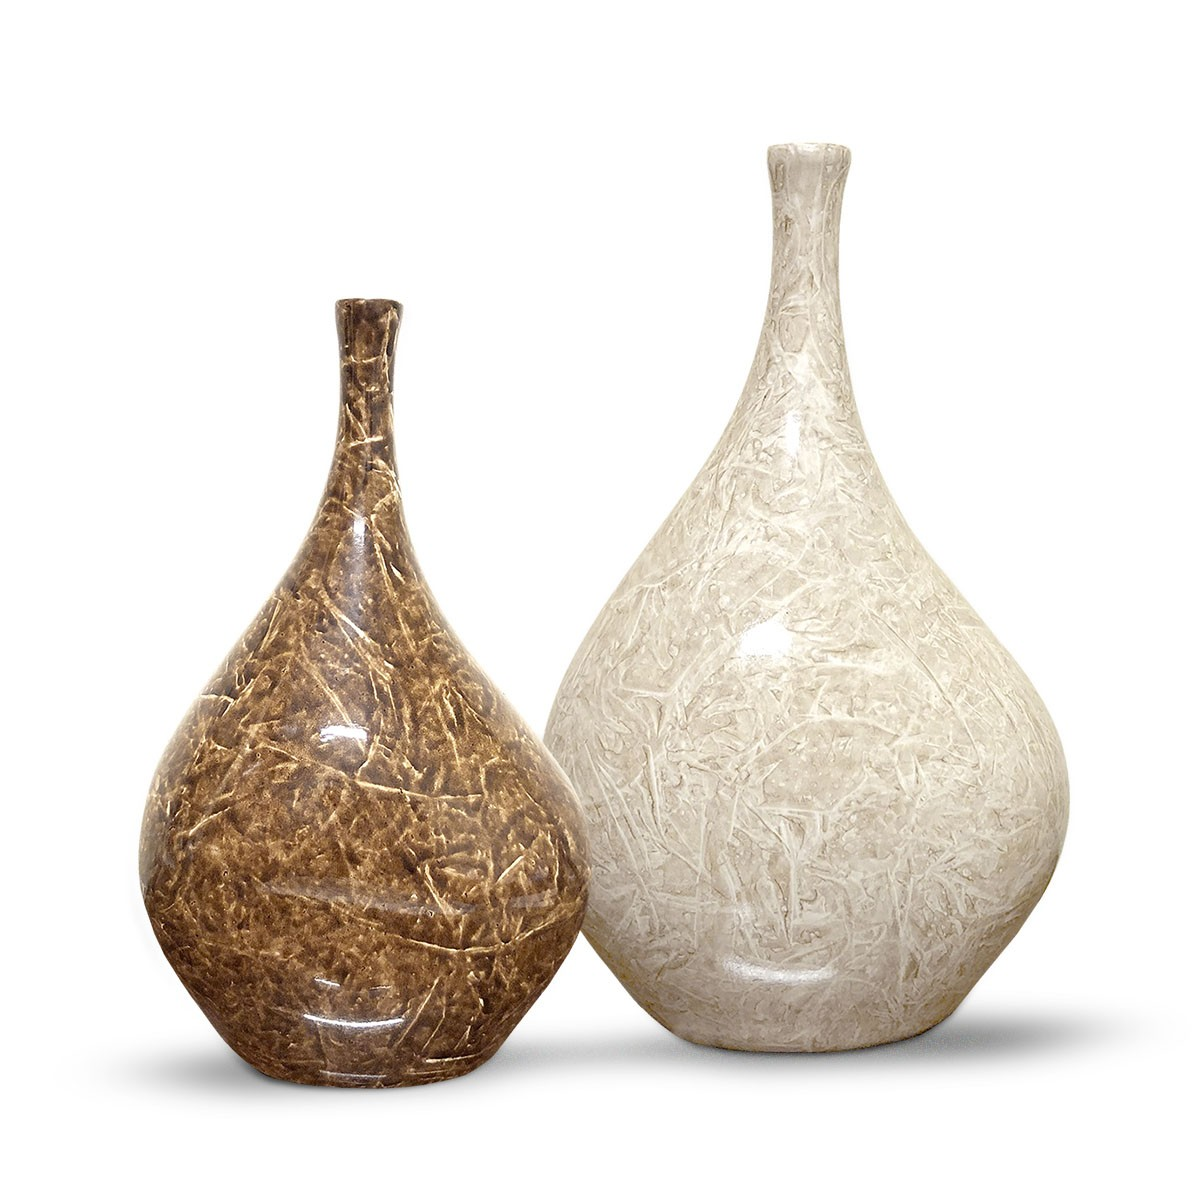 Dupla Garrafa Cristal Decoração em Cerâmica Bege e Marrom Petra